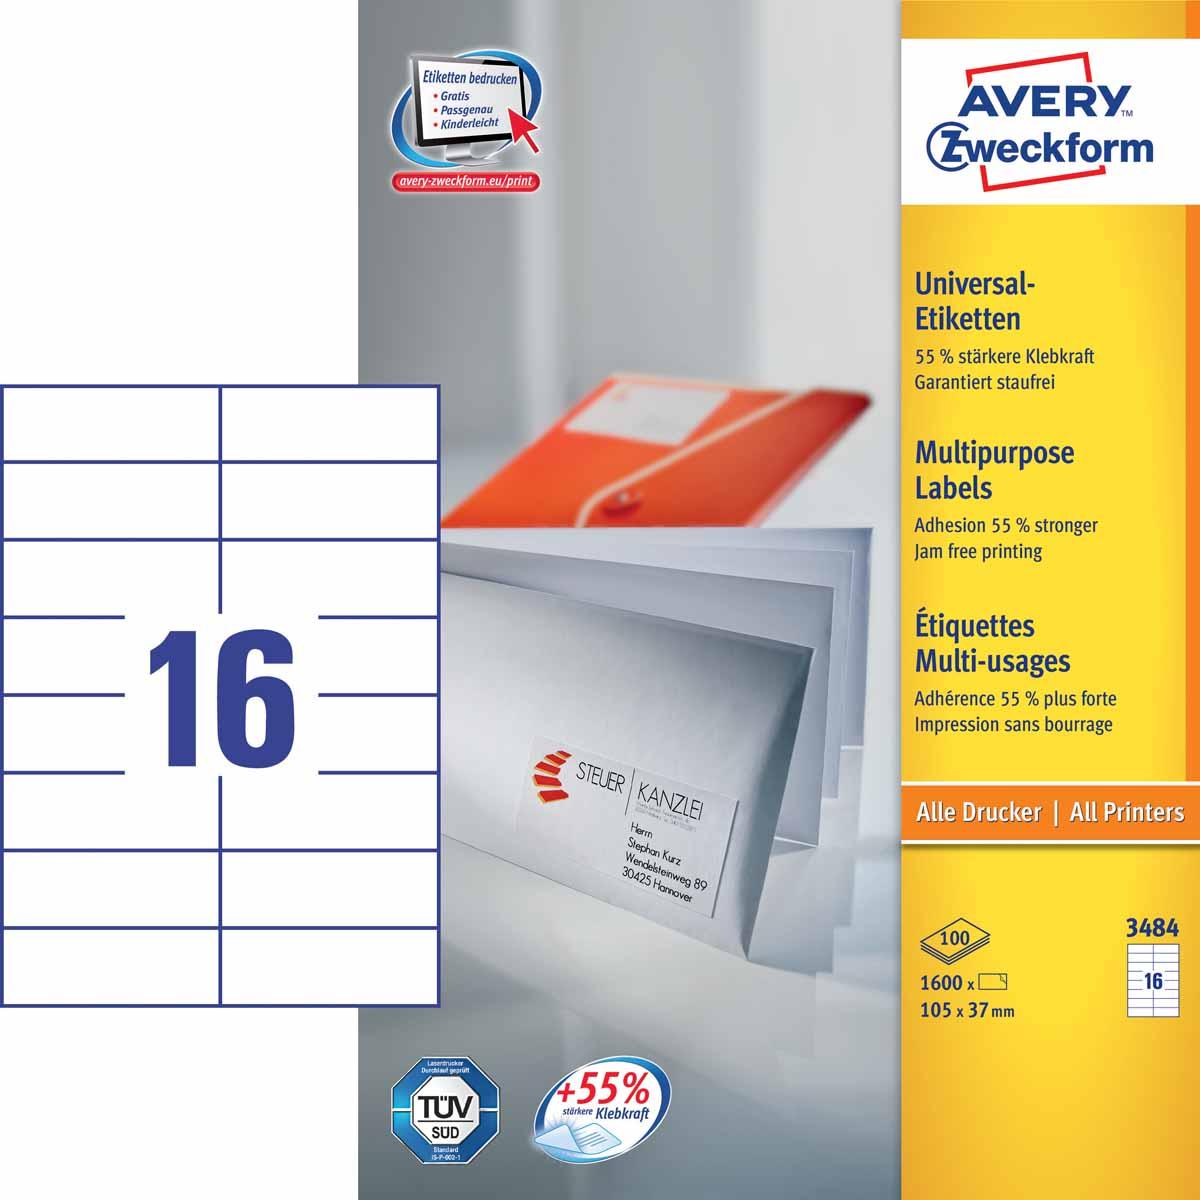 Avery Zweckform Этикетки самоклеящиеся универсальные 105 х 37 мм 1600 шт 100 листов